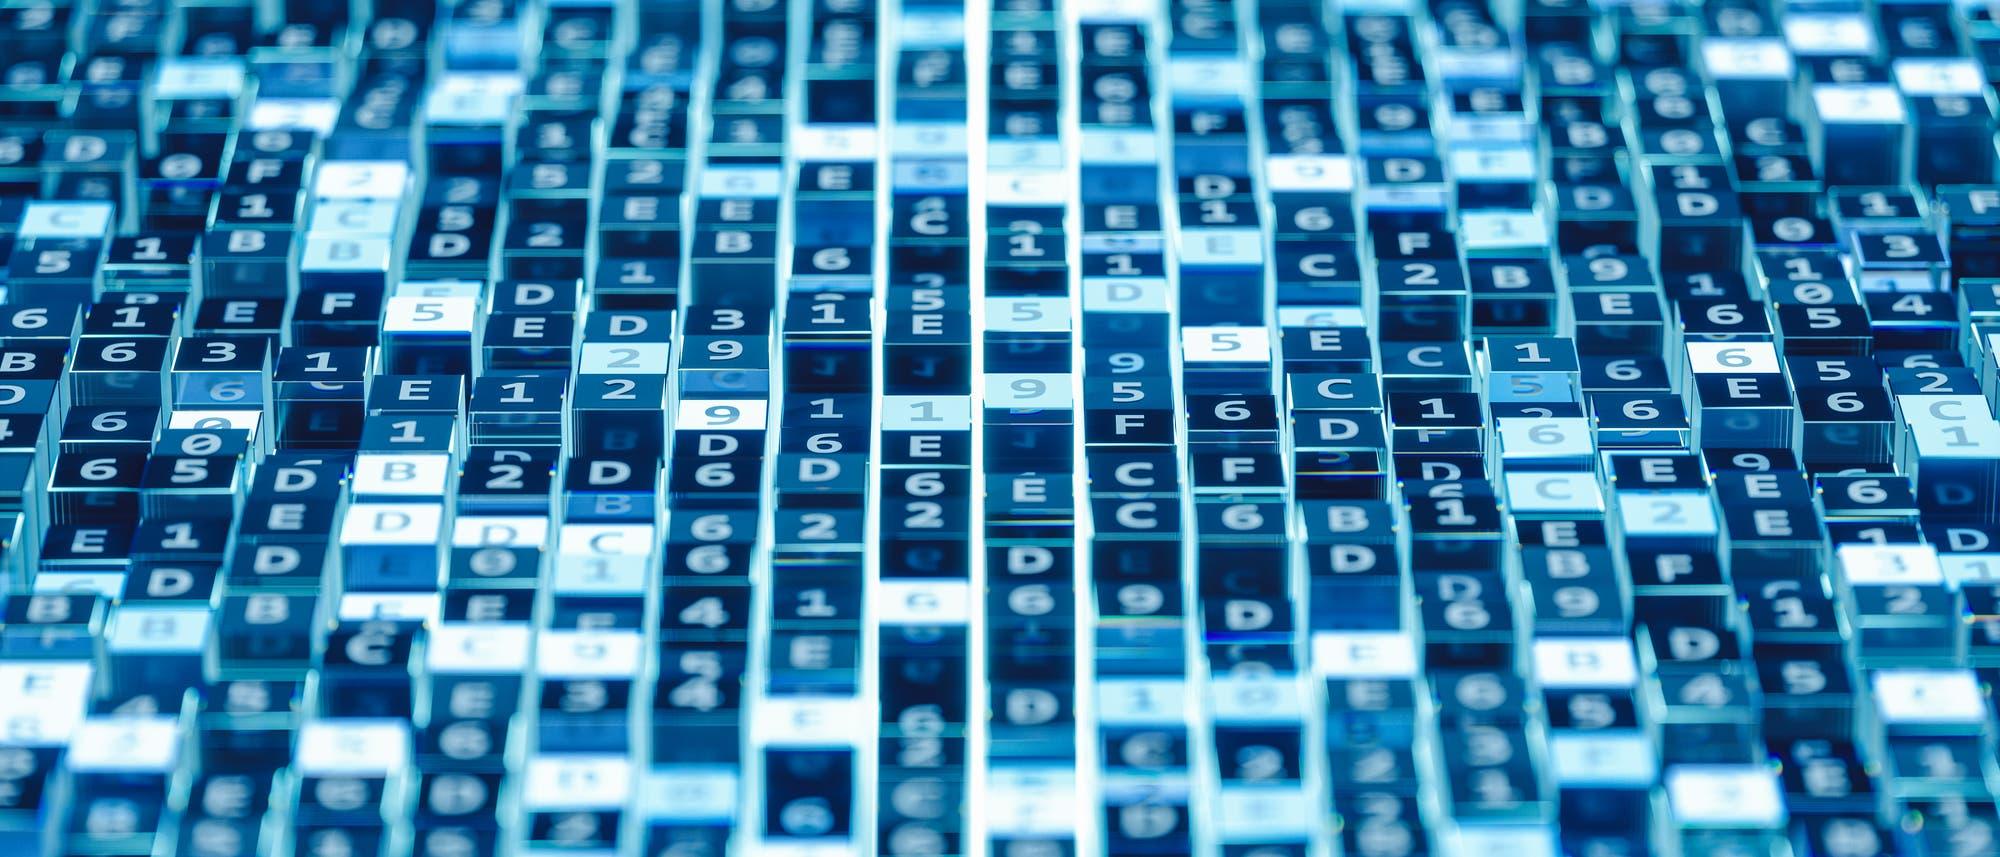 Quantenüberlegenheit - alles eine Zahlenspielerei?